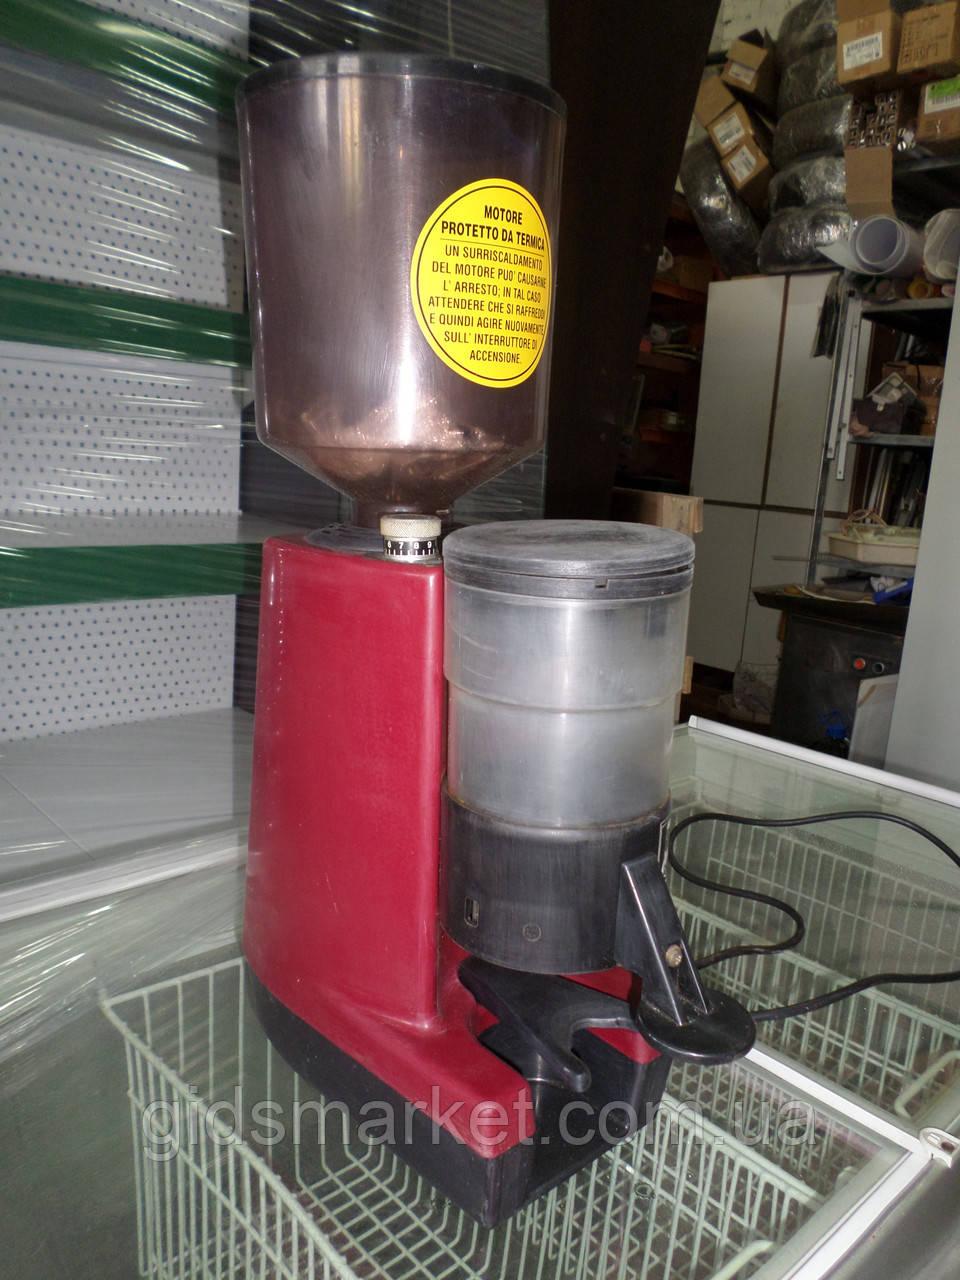 Жерновая 60 мм. Кофемолка Conti Valerio 5 RL б/у, купить кофемолку б у